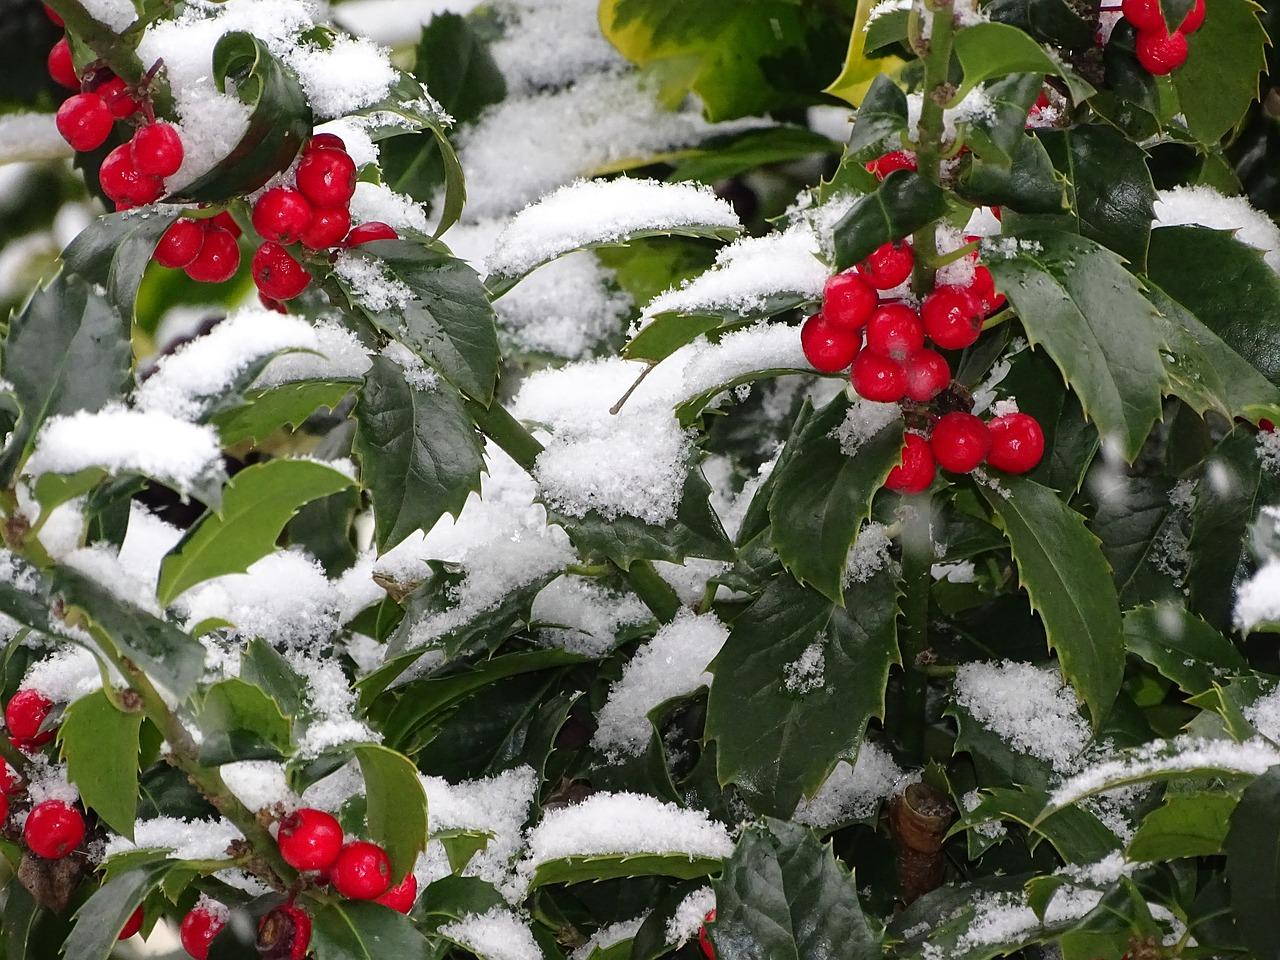 冬至時節,好風吹動冬青樹。華夏文化傳說冬青是萬年枝、長生樹。(pixabay)